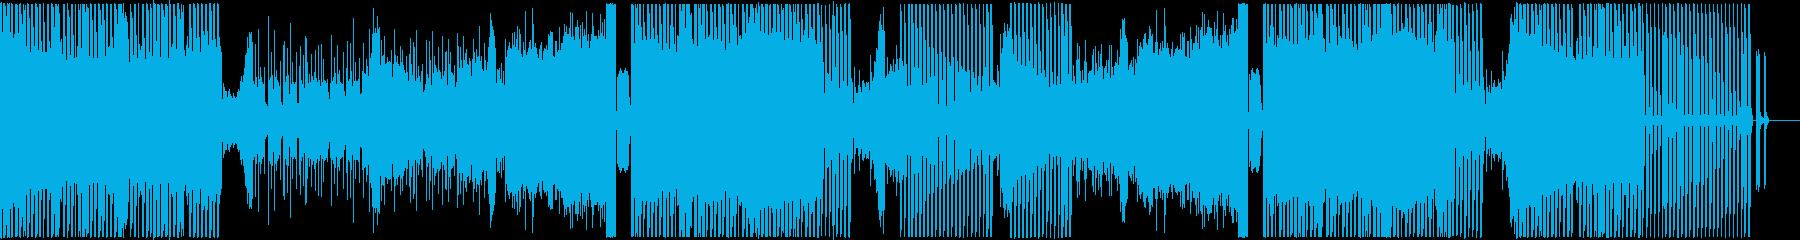 ヒップホップ風で暗めテイストのEDMの再生済みの波形